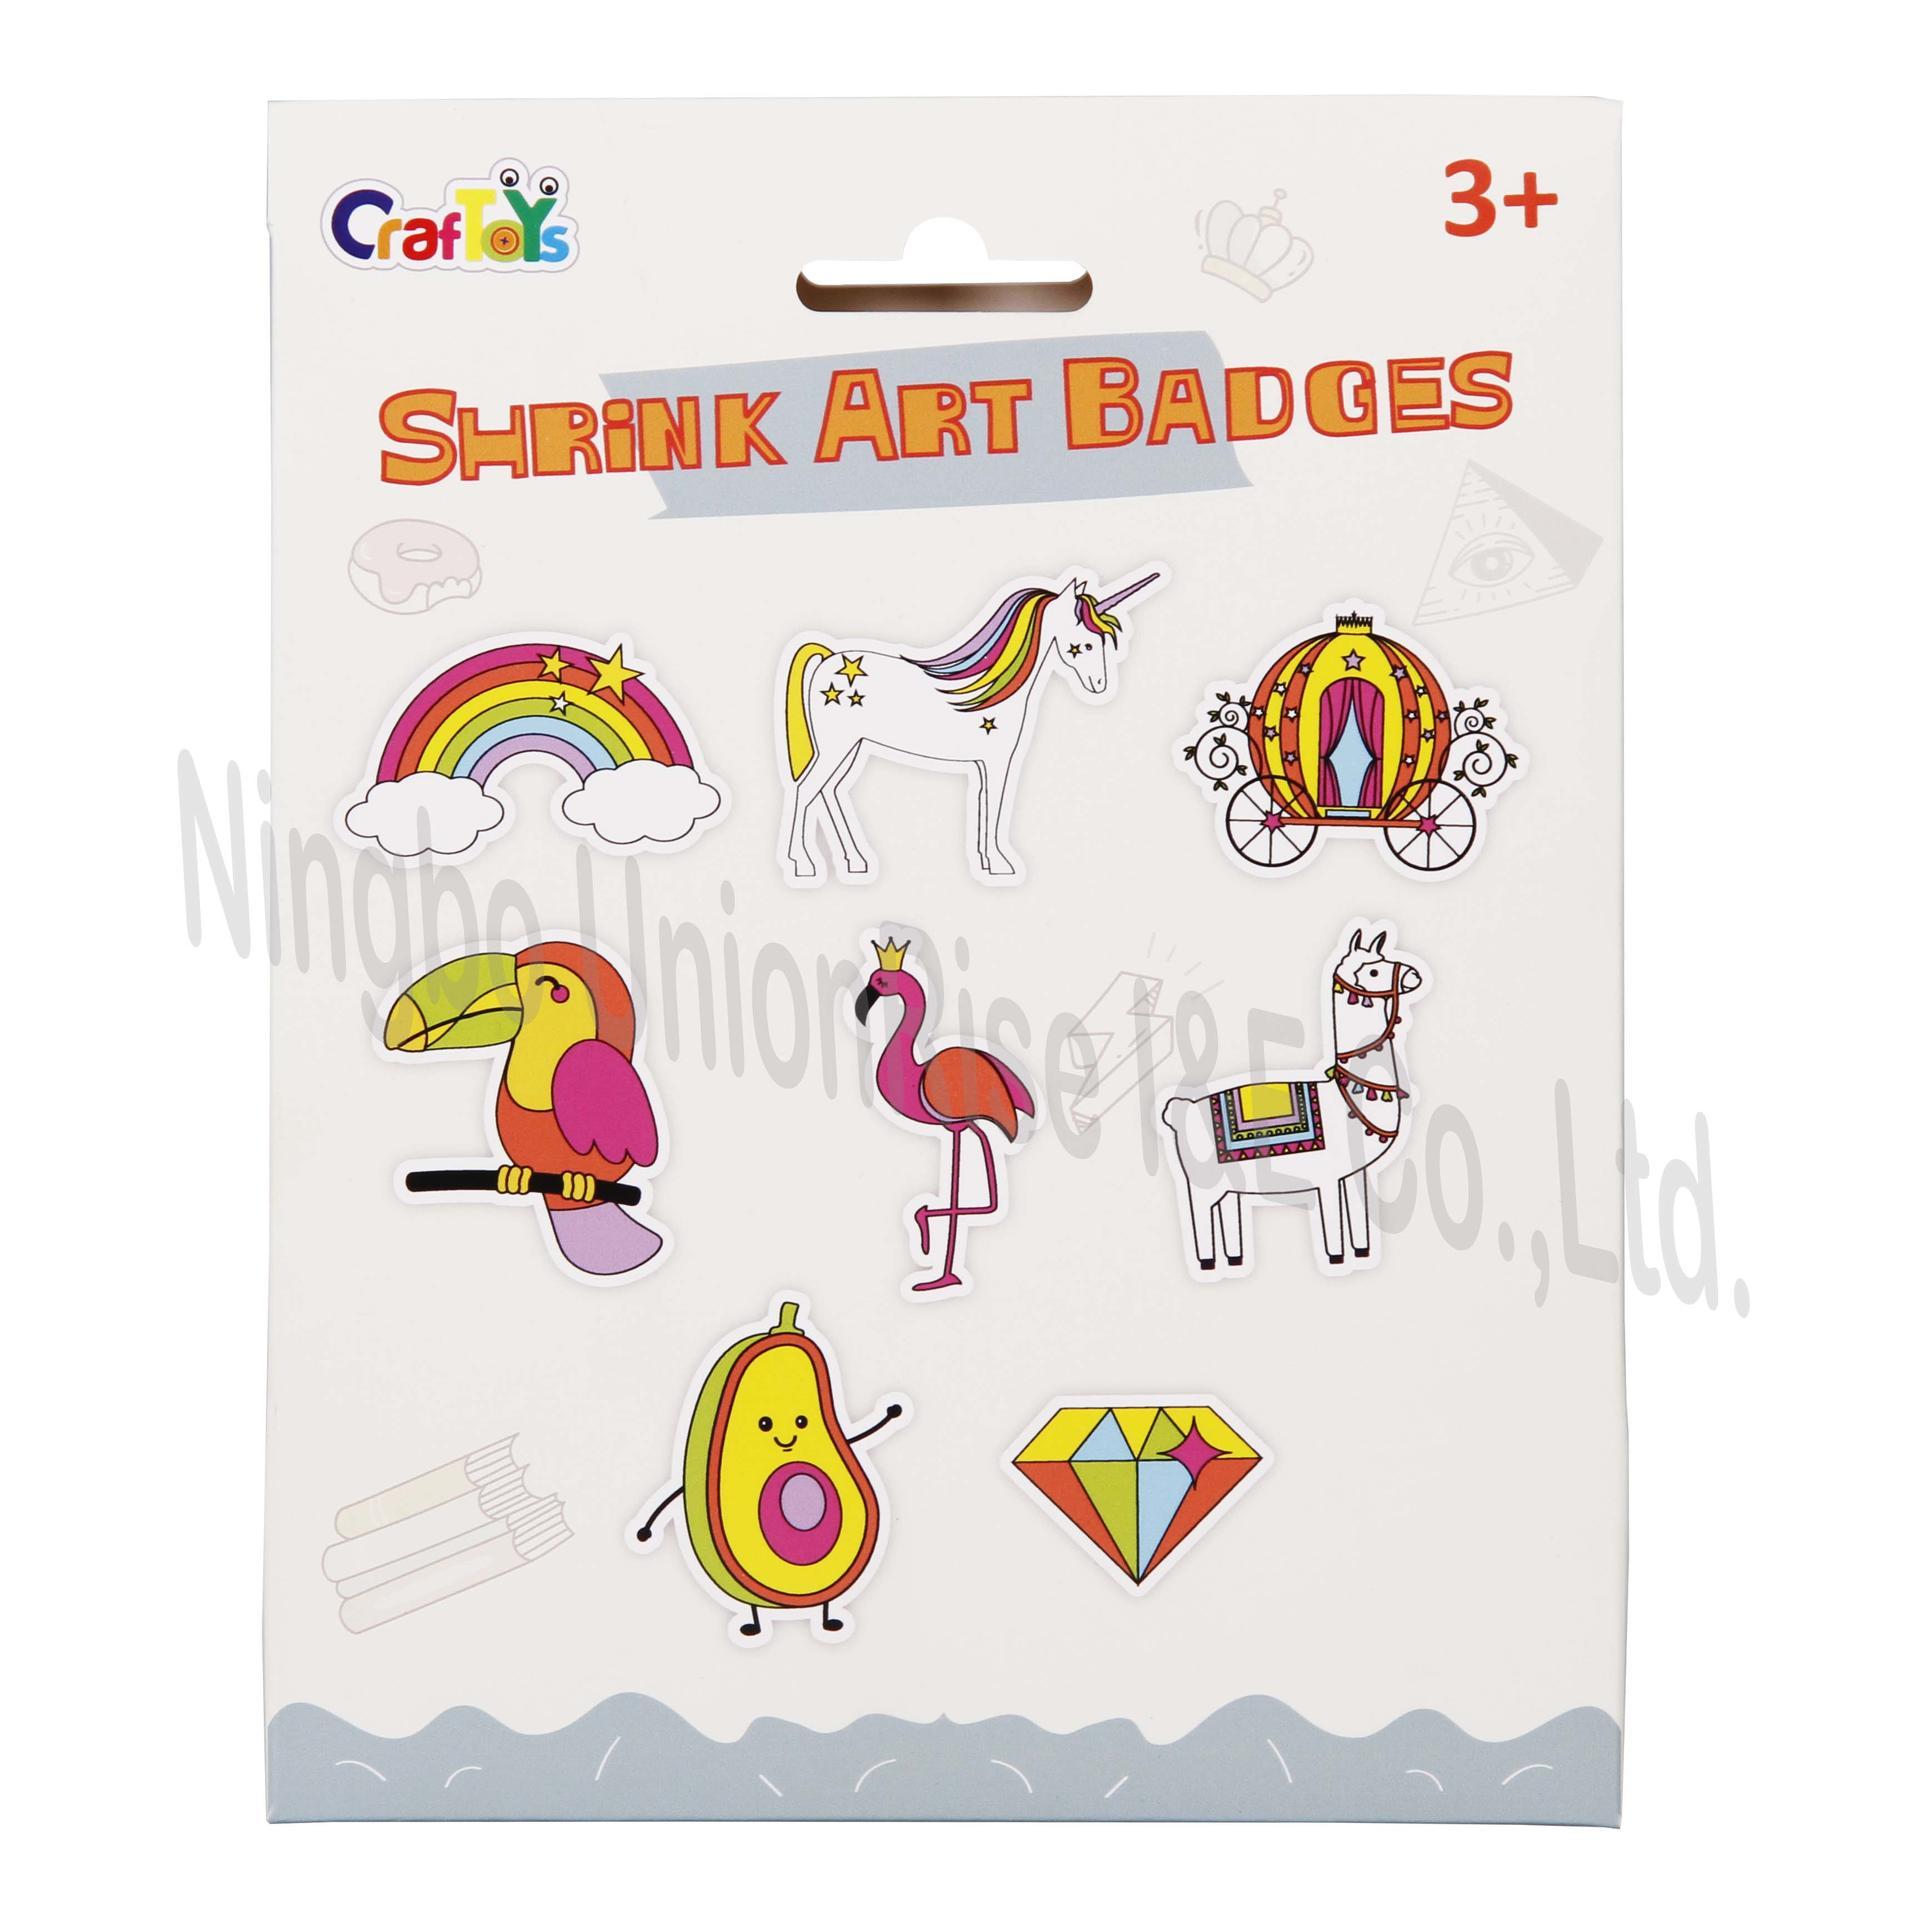 Unionrise New shrink art kit company for children